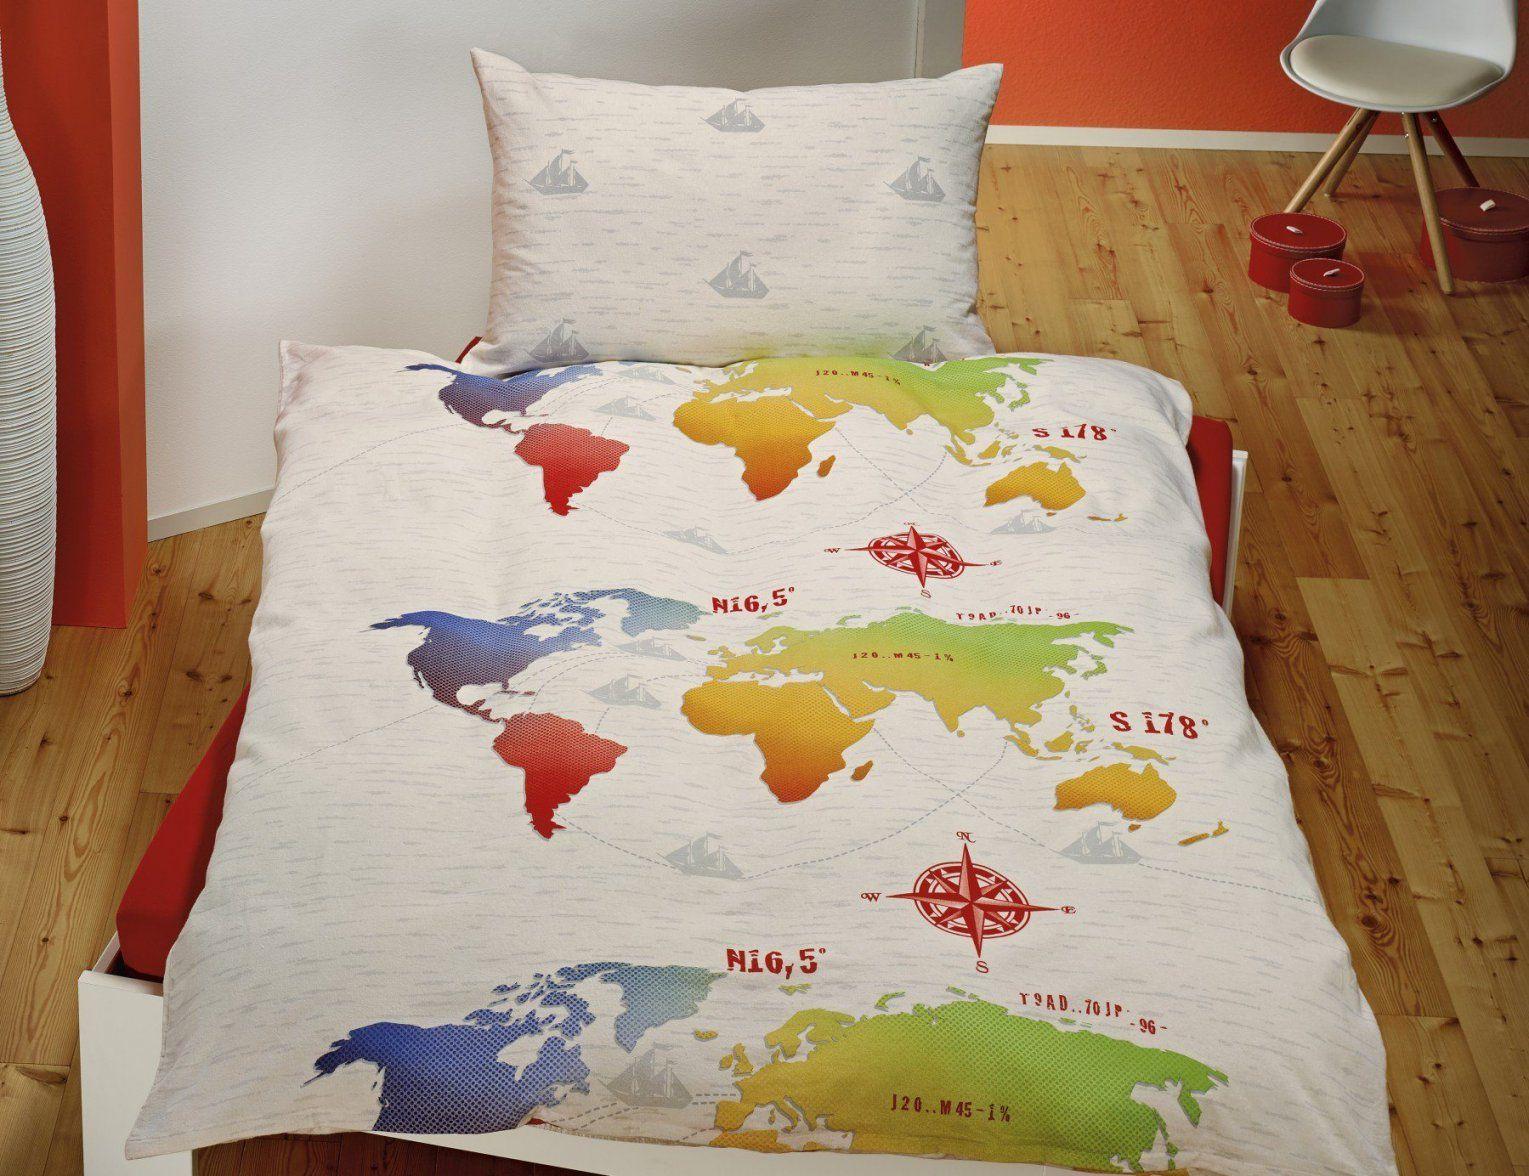 Bettwasche Kariert Dekor Bettwäsche Weltkarte Haus Design Von